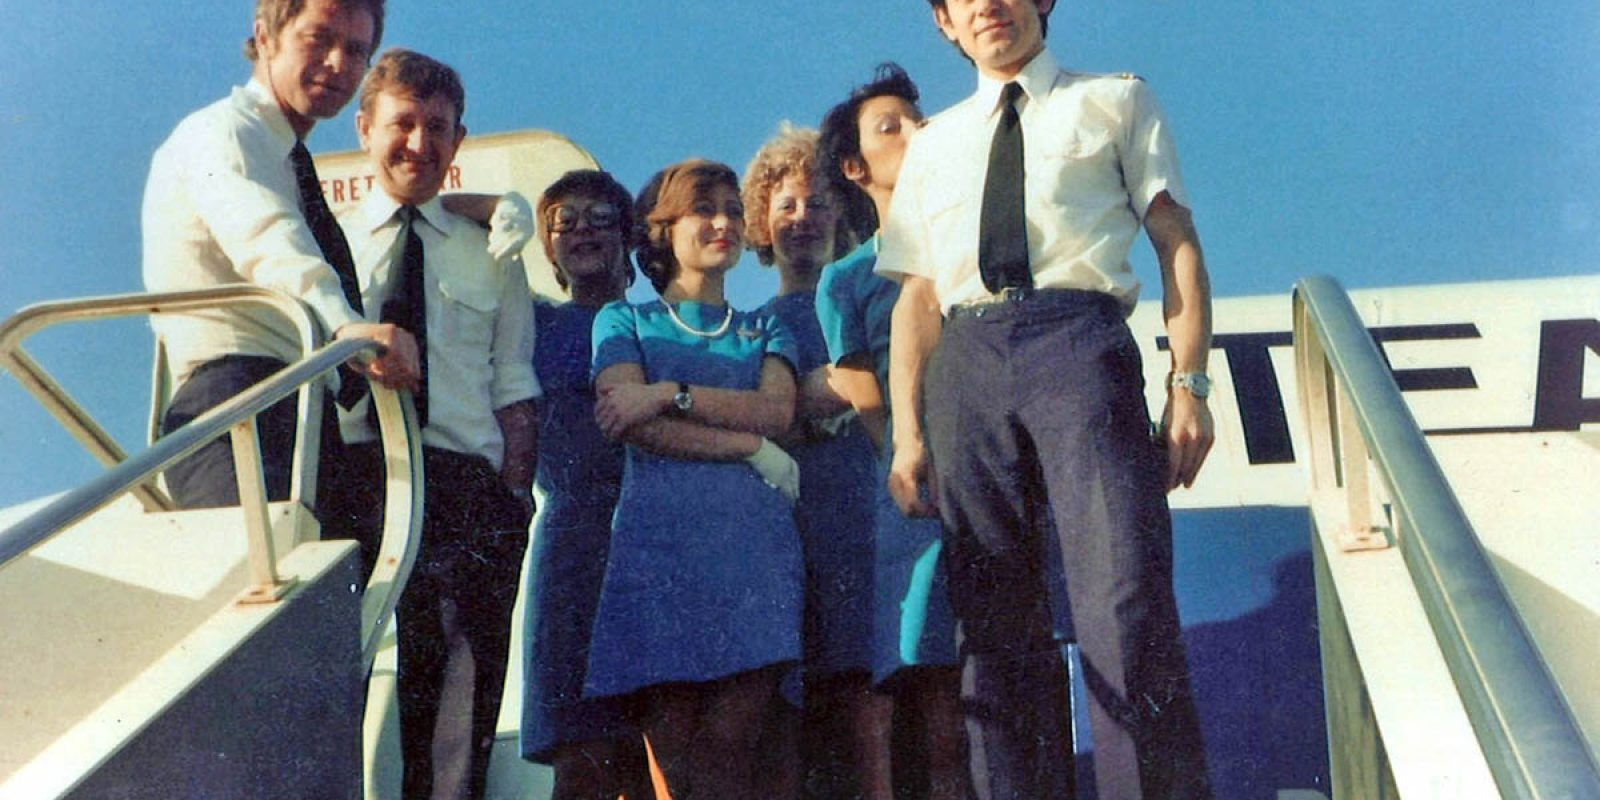 Jean-Jacques Speyer débute sa carrière en tant que Flight Engineer sur Boeing 707 à la TEA. Photo d'équipage avec Jo Boone comme Commandant de Bord, qui devint Chef Pilote à la TEA et Instructeur sur A300-600/A310 à Airbus. Son copilote, Paul « Pelle » Dardenne, est à sa gauche. (Photo Jean-Jacques Speyer)